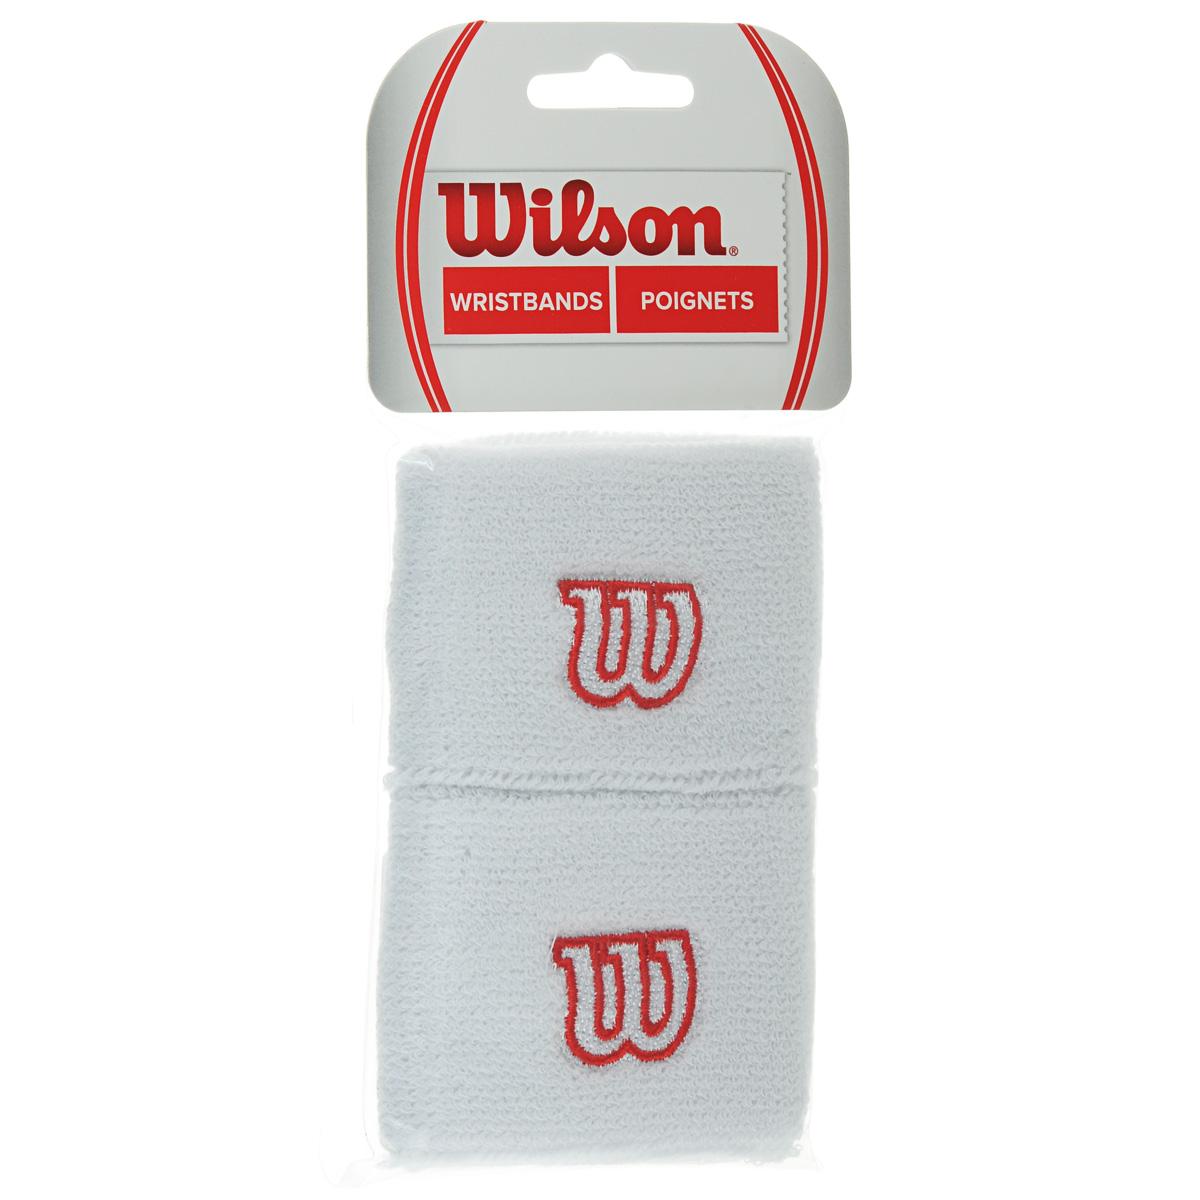 Напульсник Wilson Wristband, цвет: белый, 2 шт. Размер универсальныйWR5602100Широкие напульсники Wilson Wristband выполнены из футера и украшены вышивкой W. Полностью поглощают влагу, обеспечивая максимальный комфорт во время игры или тренировки.